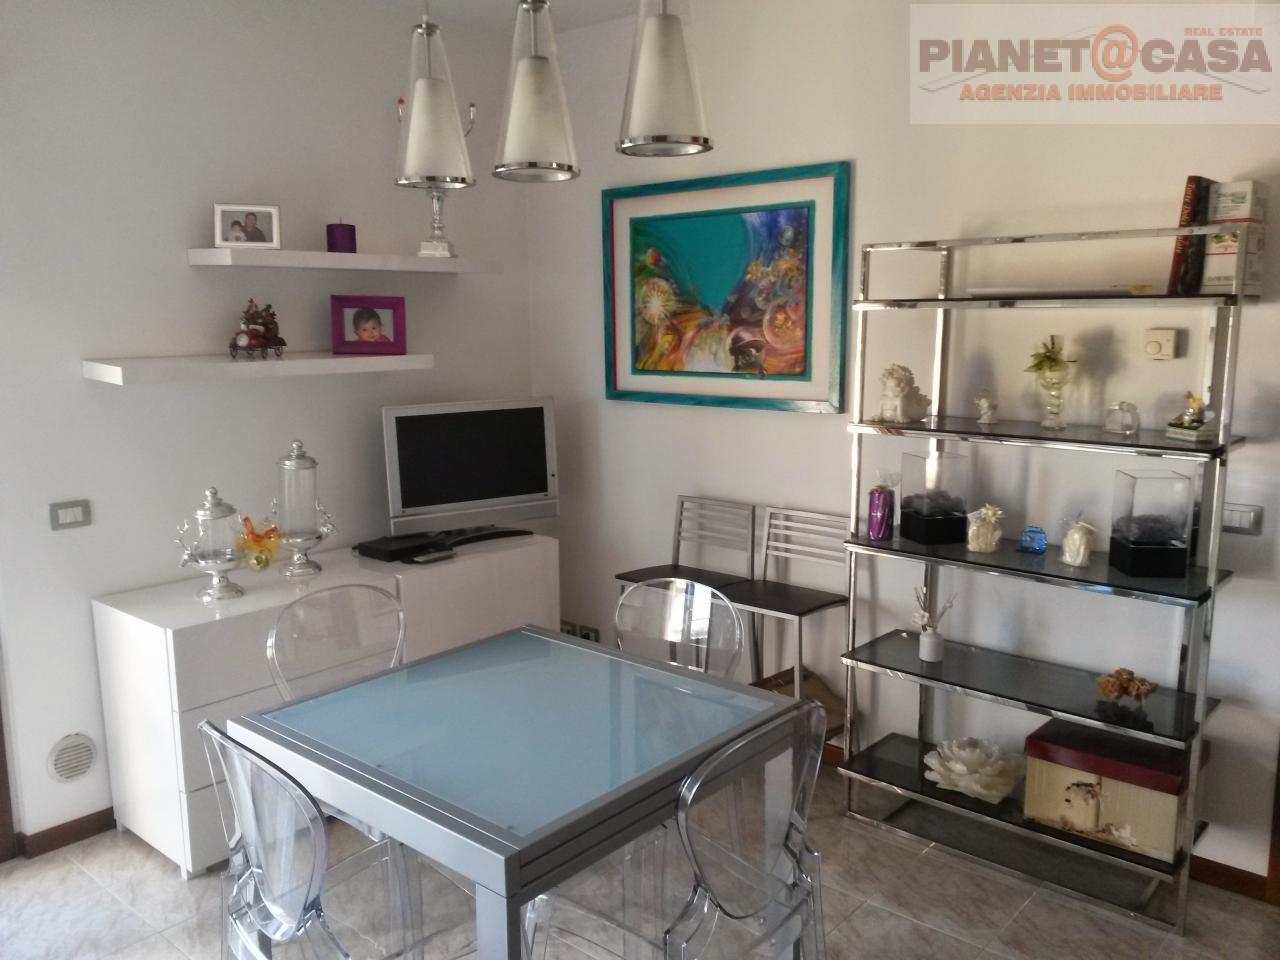 Appartamento in vendita a Monteprandone, 2 locali, zona Zona: Centobuchi, prezzo € 95.000   CambioCasa.it